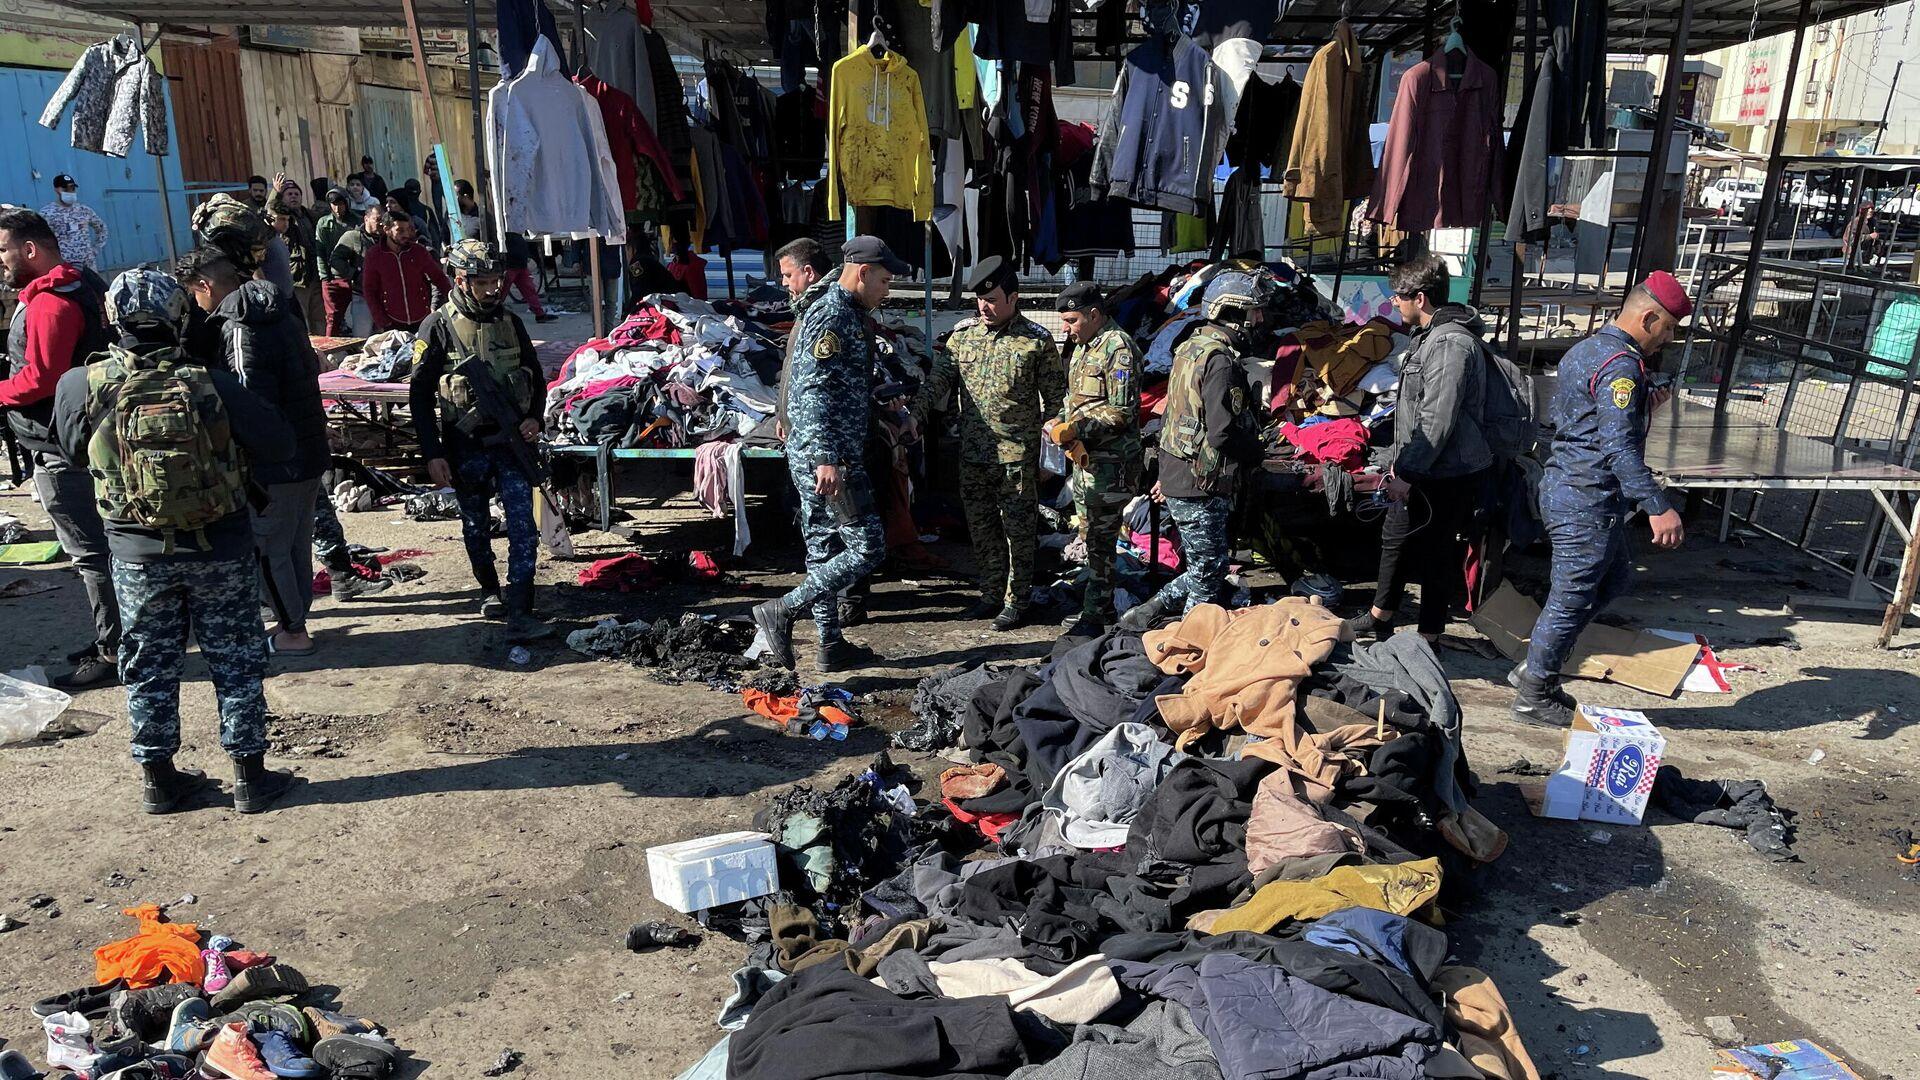 Сотрудники иракских правоохранительных органов на месте теракта в Багдаде - РИА Новости, 1920, 21.01.2021